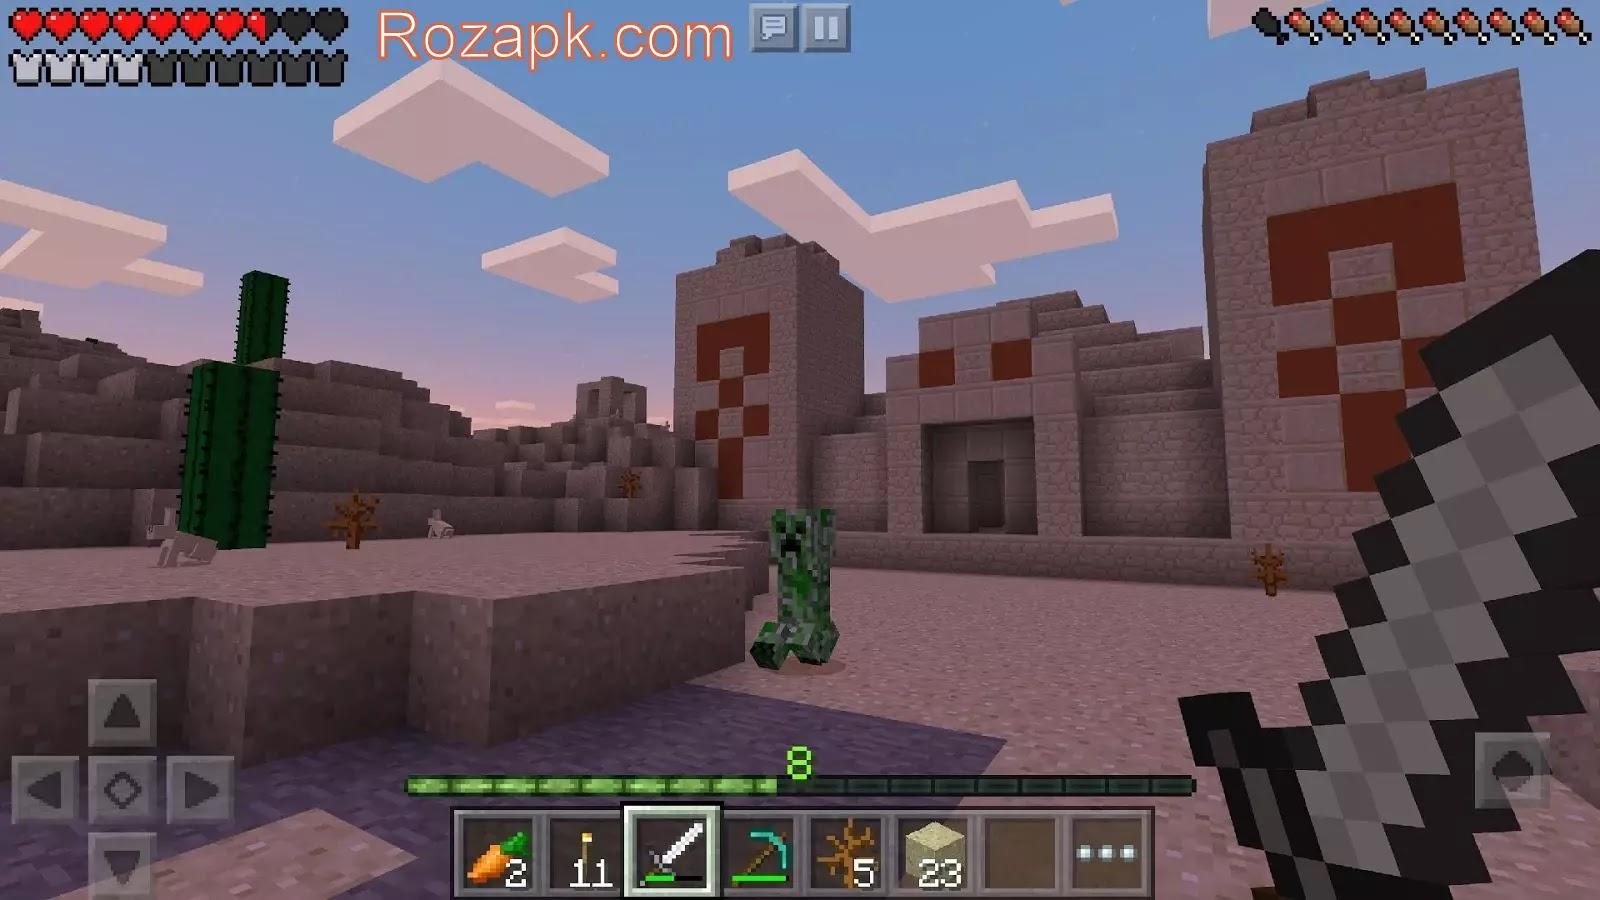 minecraft pocket edition v.14.0 apk